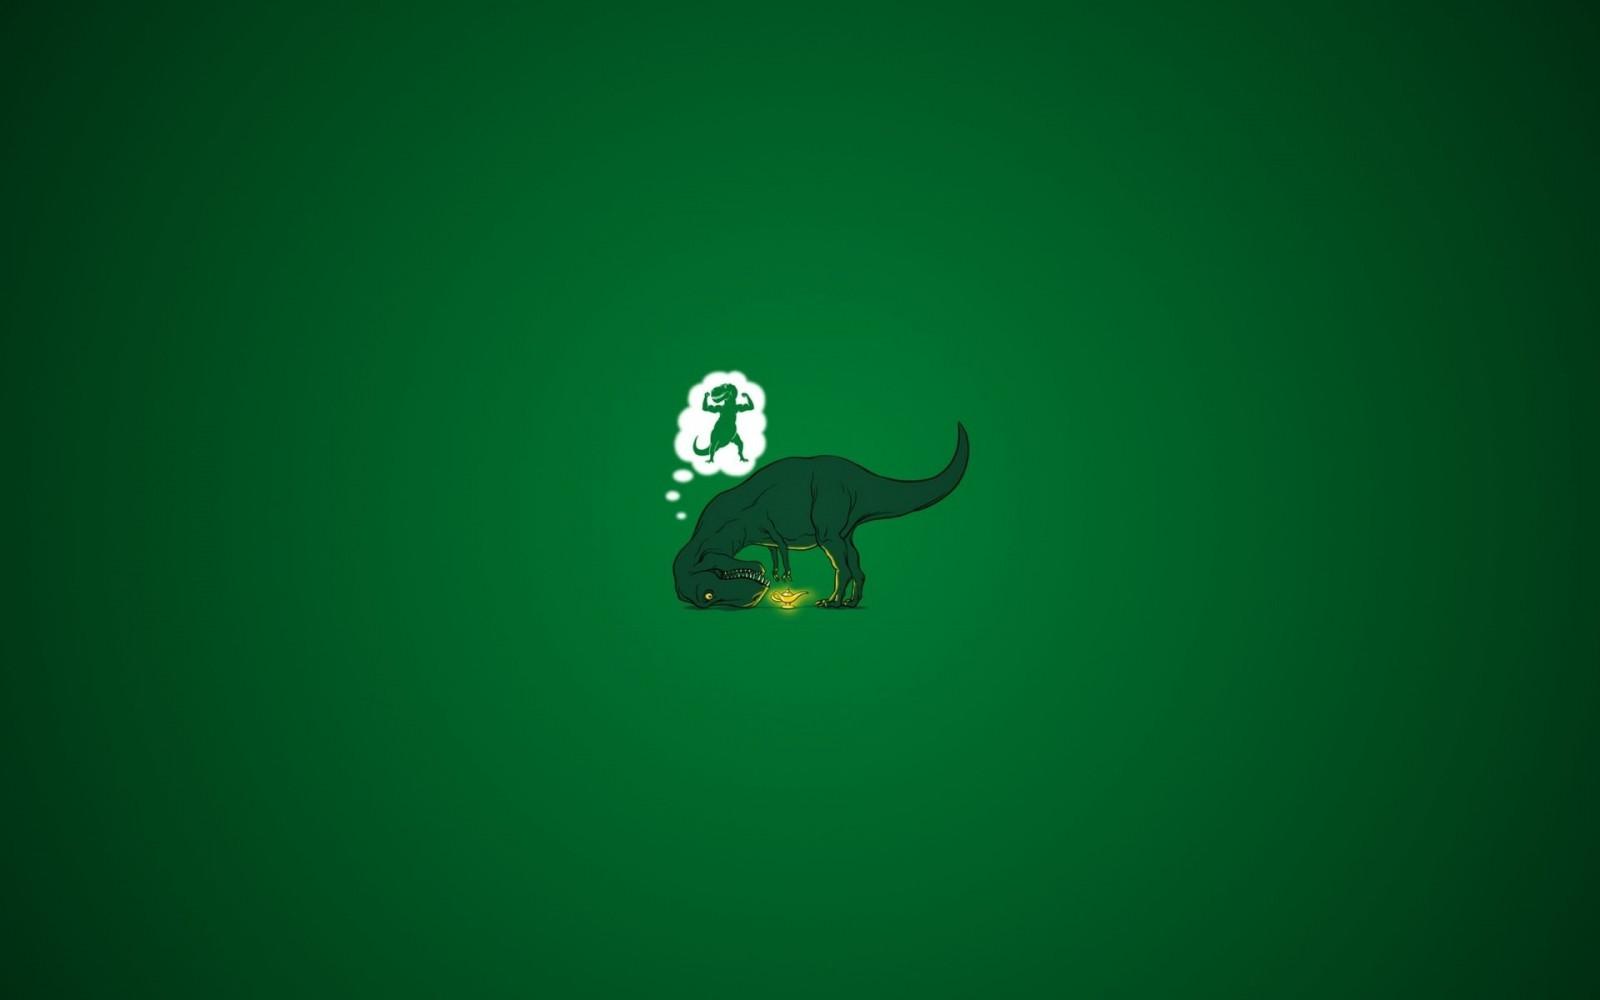 fond d 39 cran humour logo vert grenouille amphibie dinosaures capture d 39 cran papier. Black Bedroom Furniture Sets. Home Design Ideas